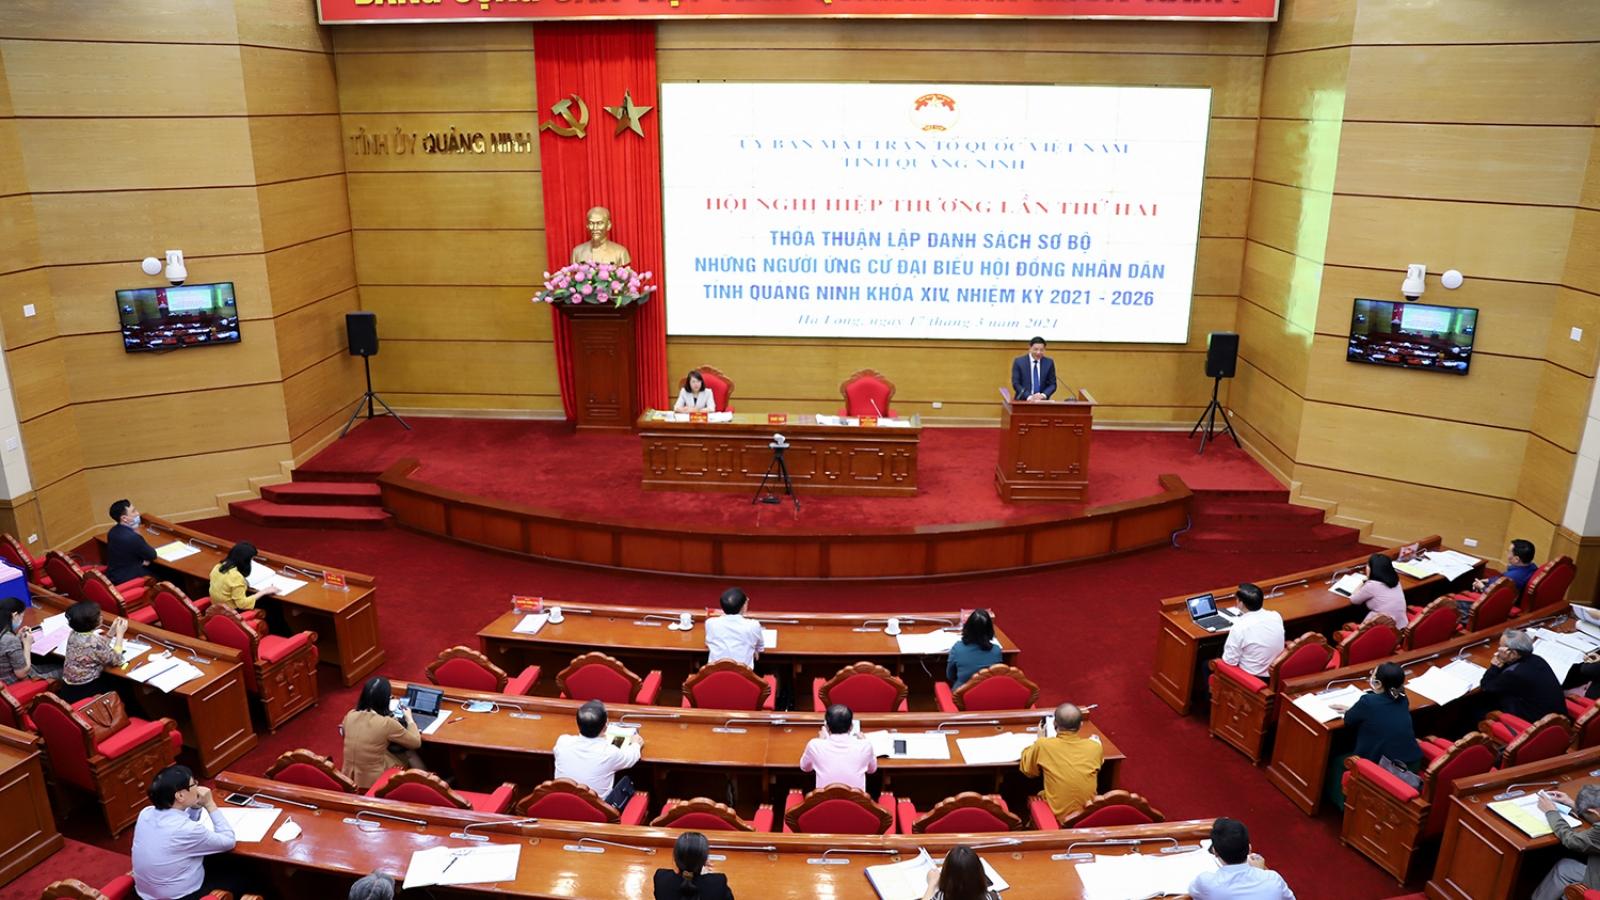 Quảng Ninh hiệp thương lần thứ hai bầu cử ĐBQH và HĐND tỉnh nhiệm kỳ 2021-2026